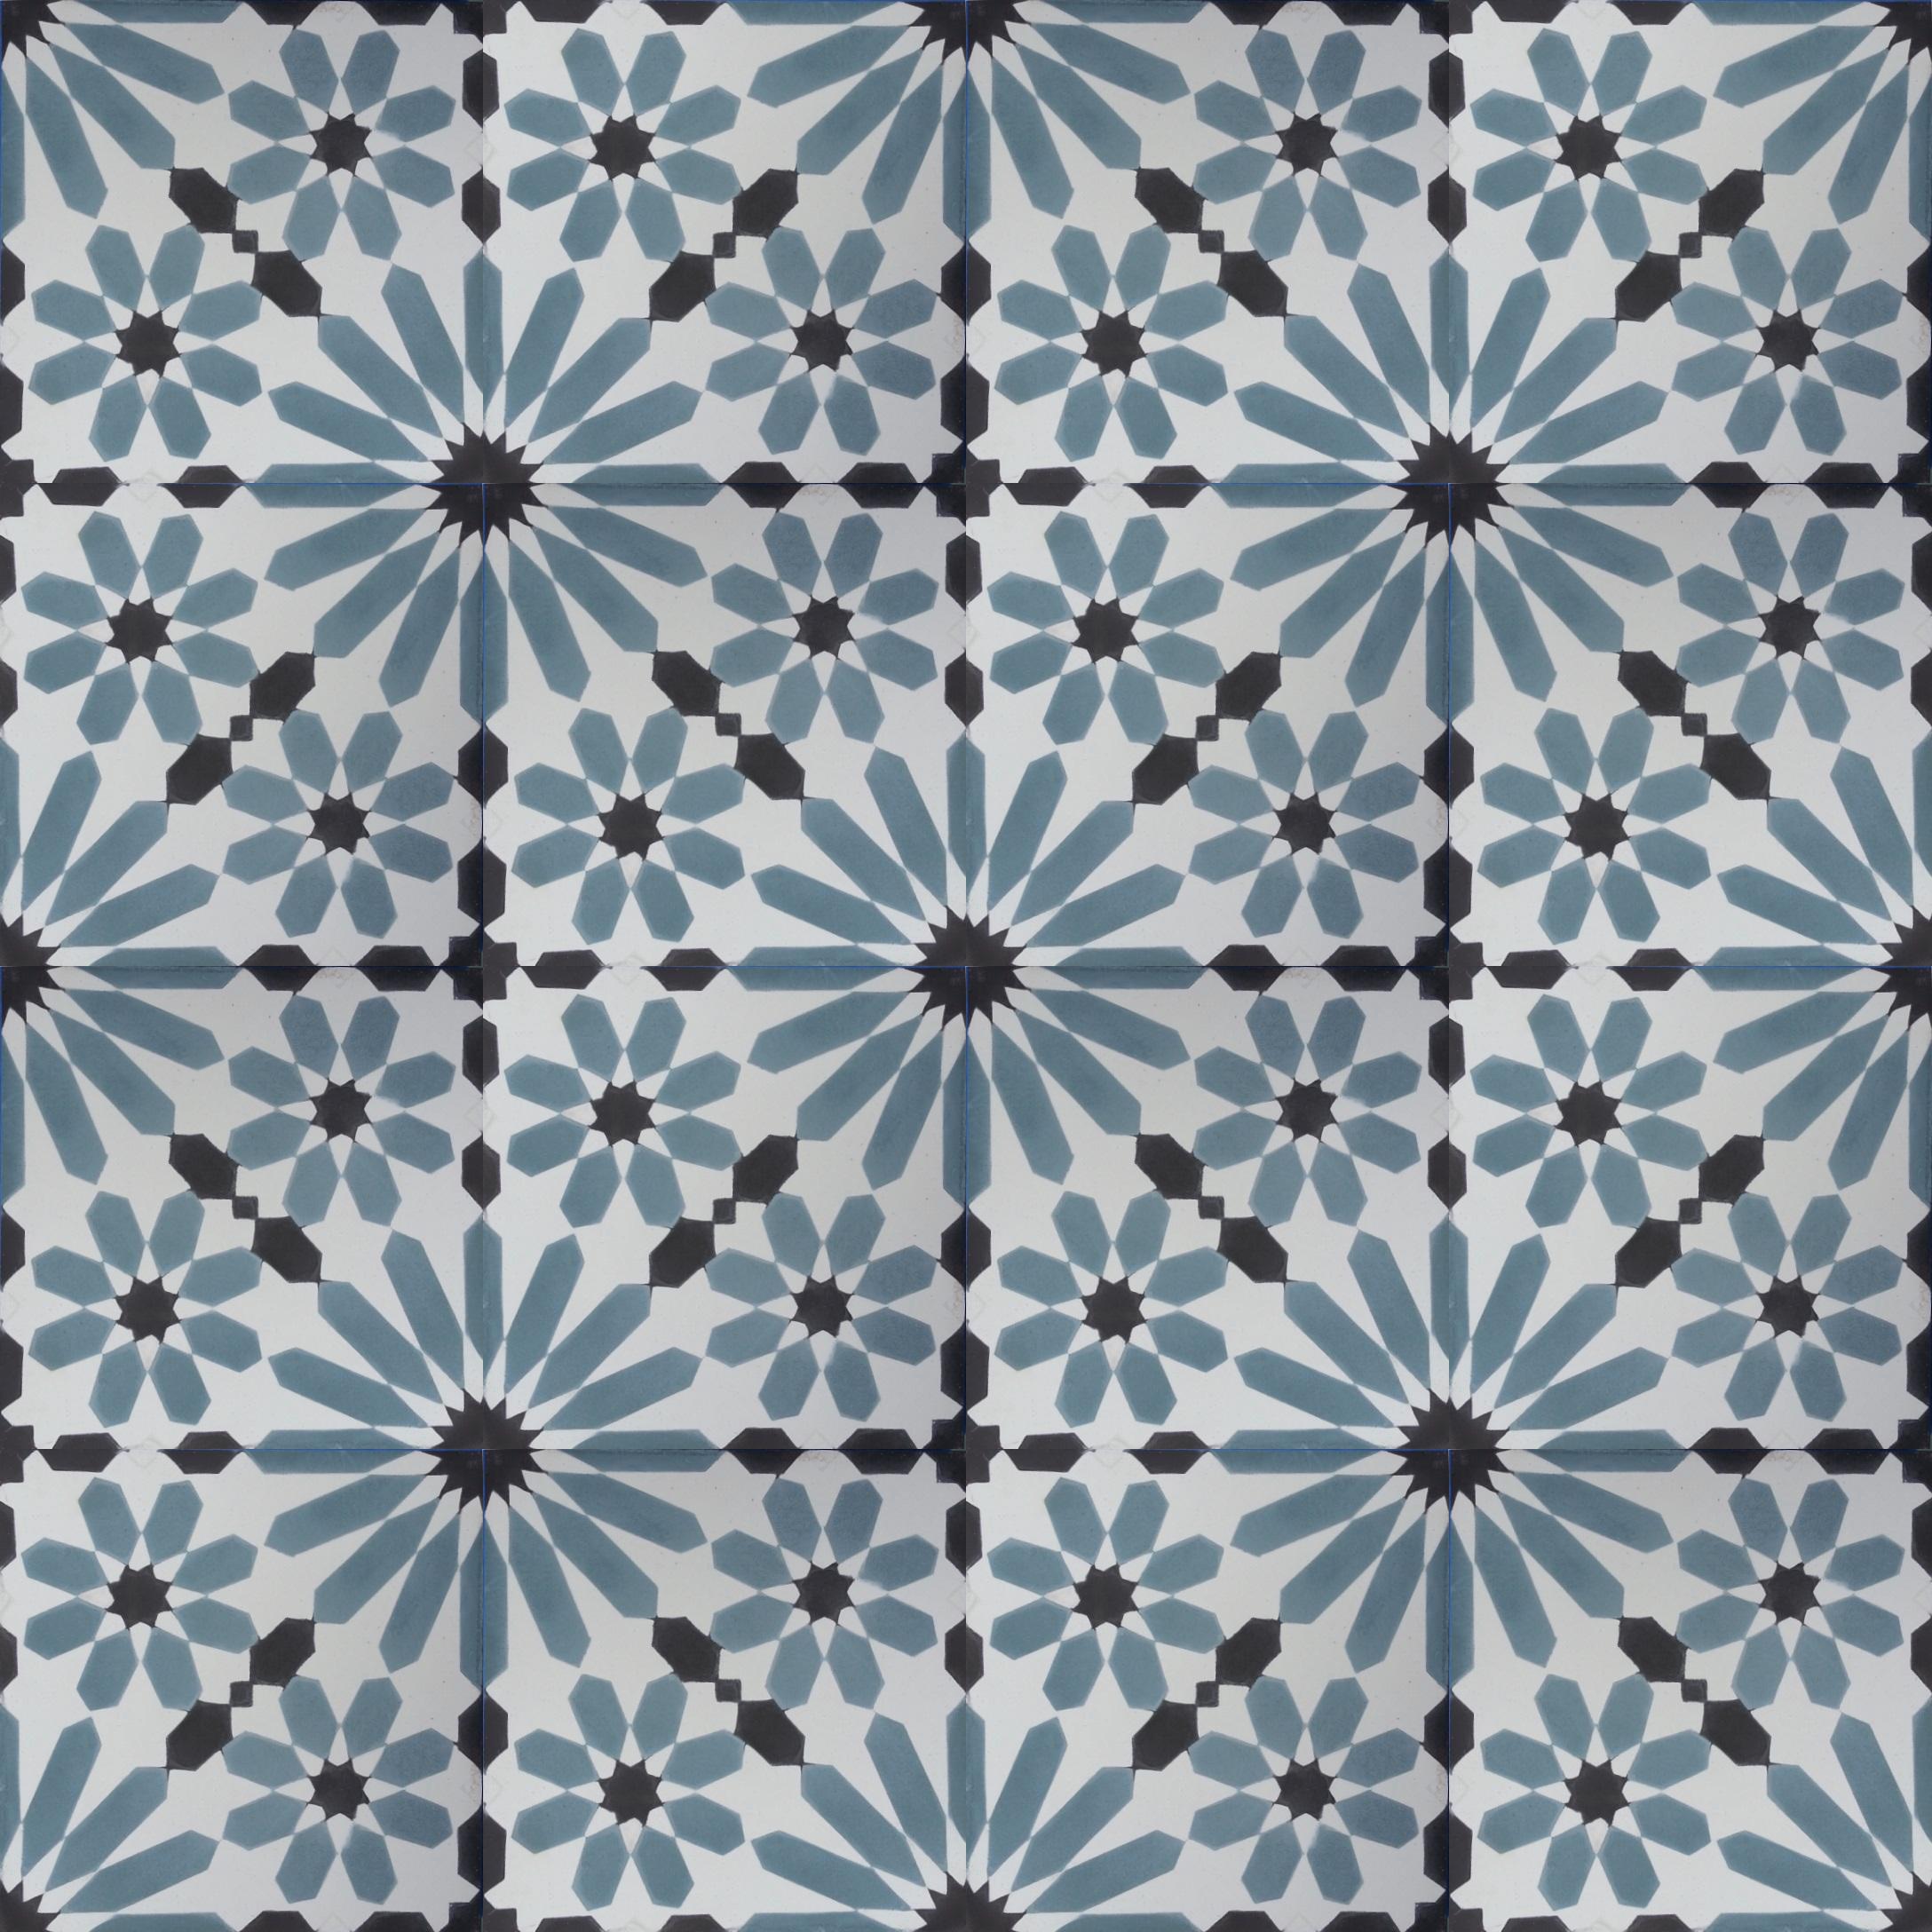 Vn Azule 32 Zementfliesen Von Designfliesen De Zementfliesen Fliesen Zement